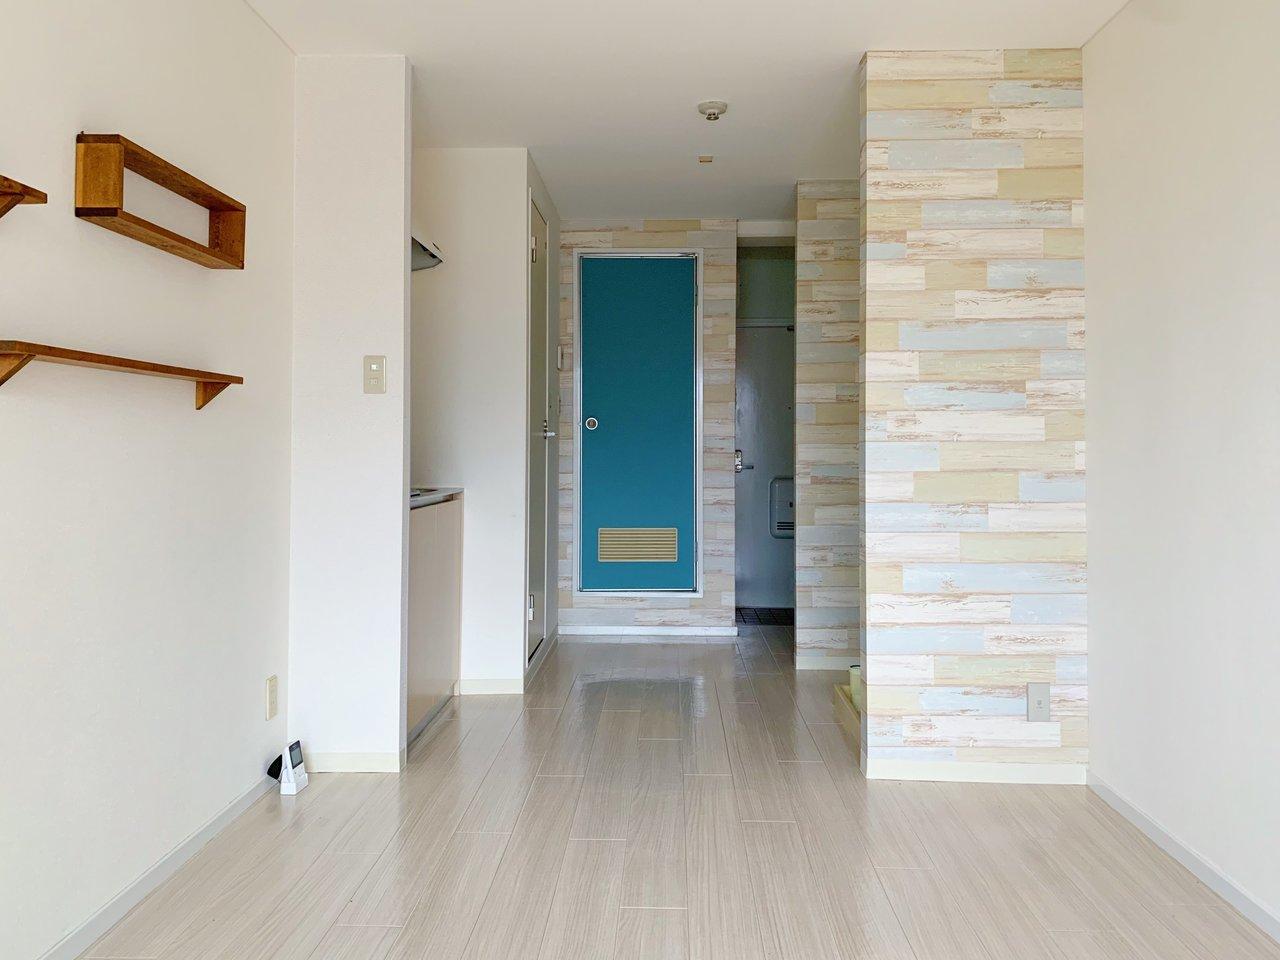 レンガ調クロスや、ビタミンカラーのドアなど、小さいけれどポップで明るい雰囲気のお部屋です。